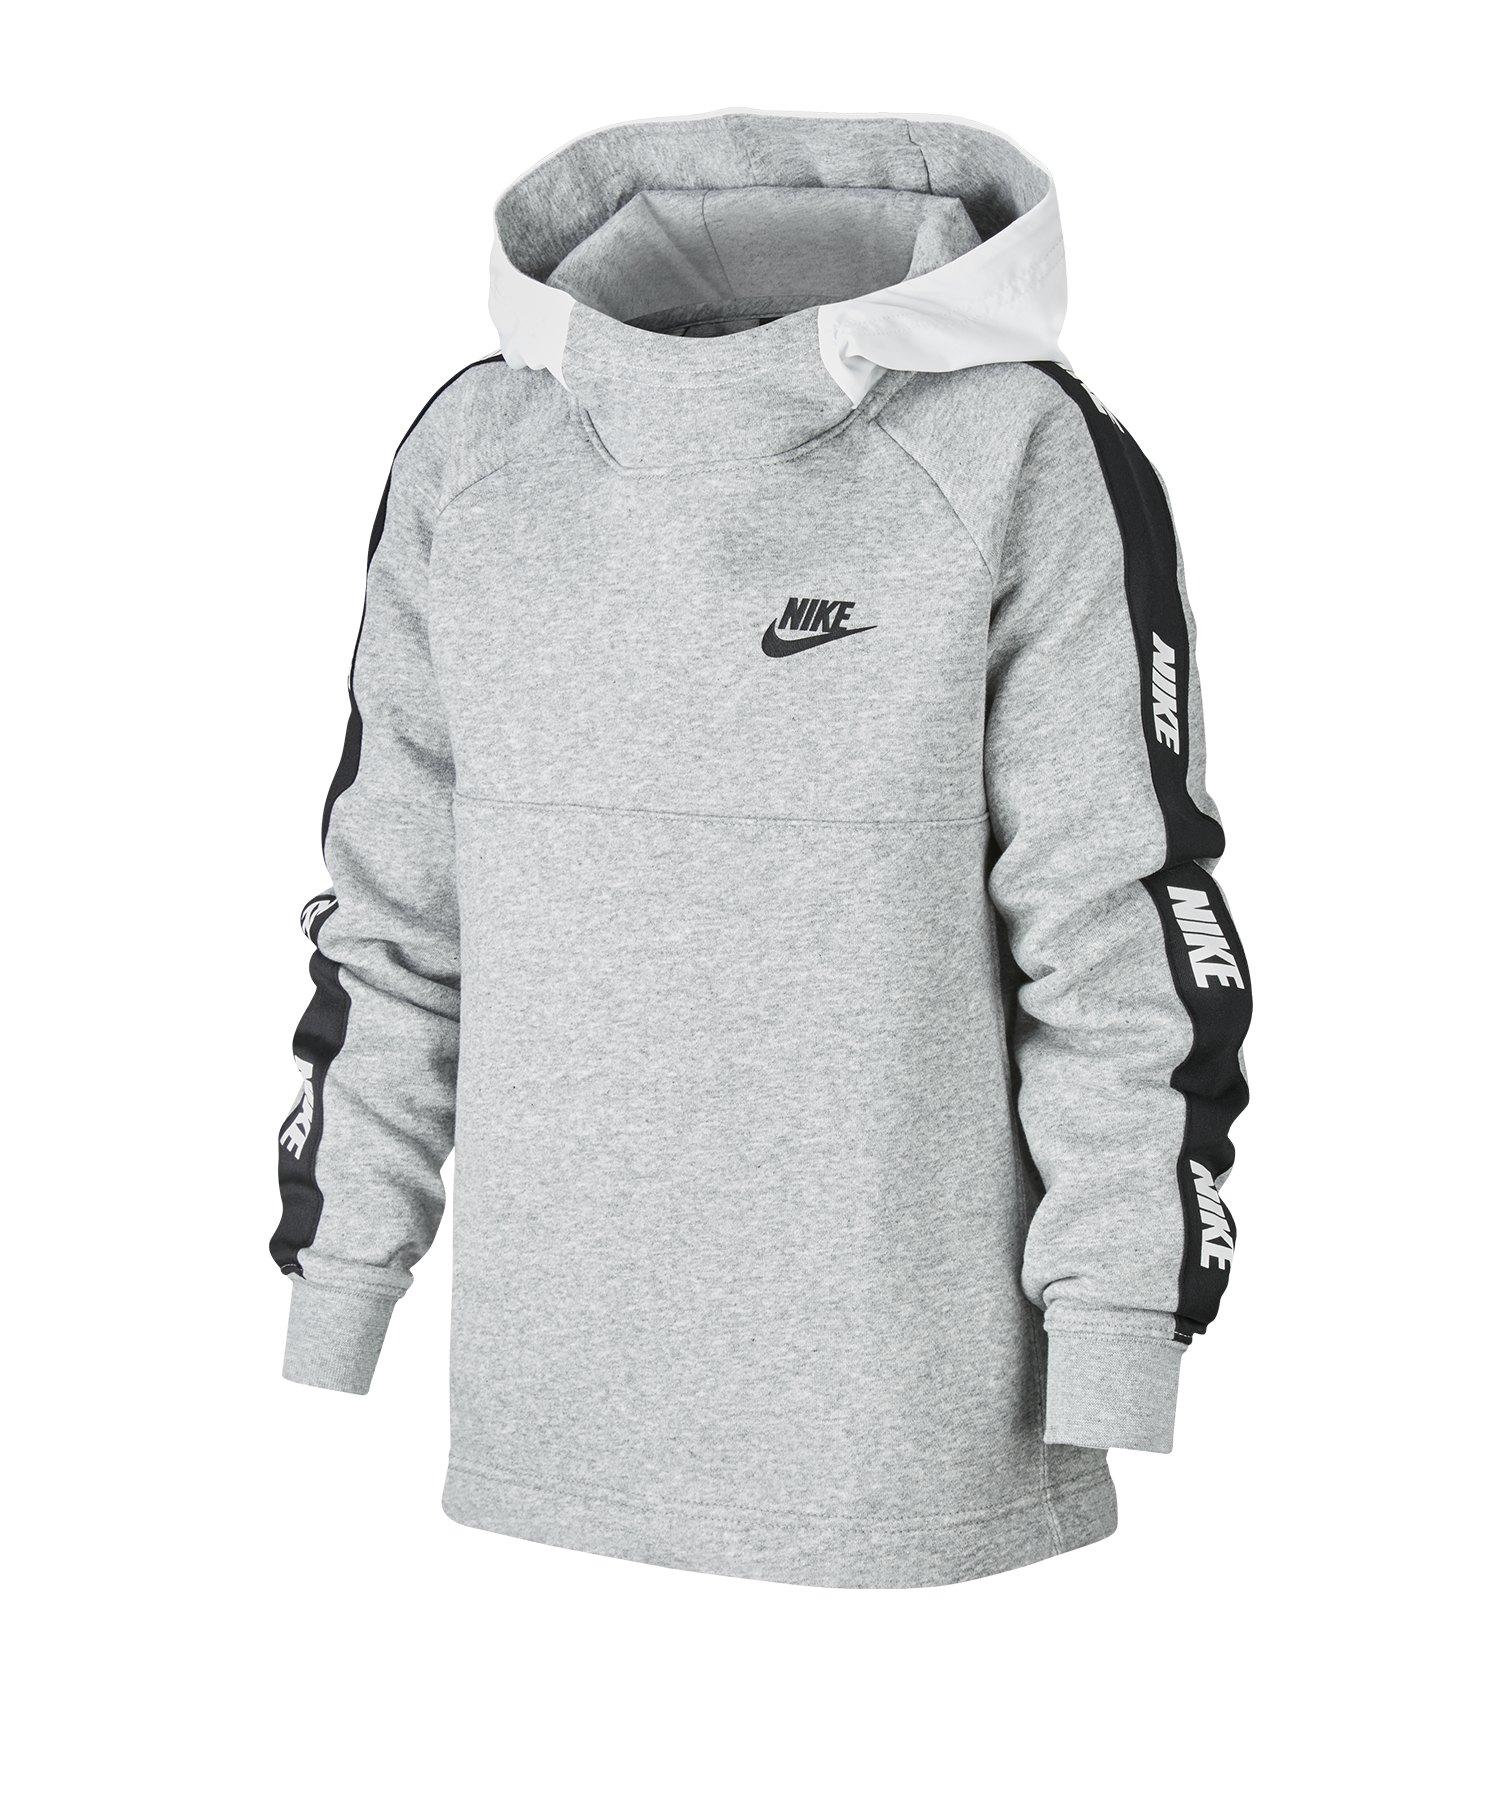 Nike 1/2-Zip Hoody Kids Weiss F100 - weiss